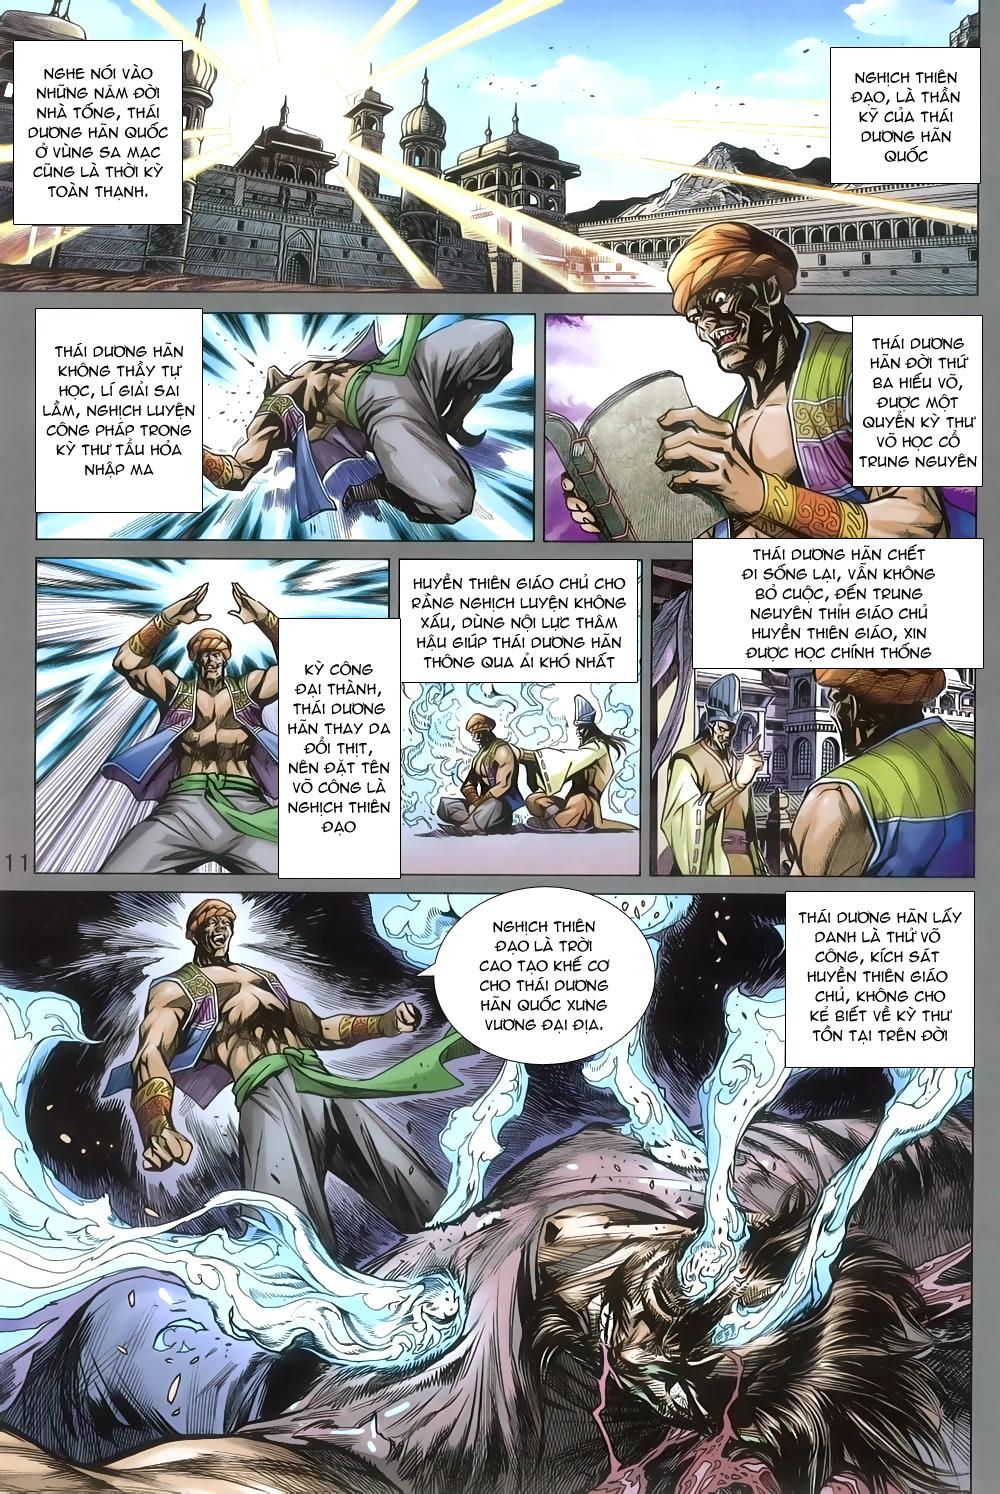 Tân Tác Long Hổ Môn chap 806 Trang 11 - Mangak.info